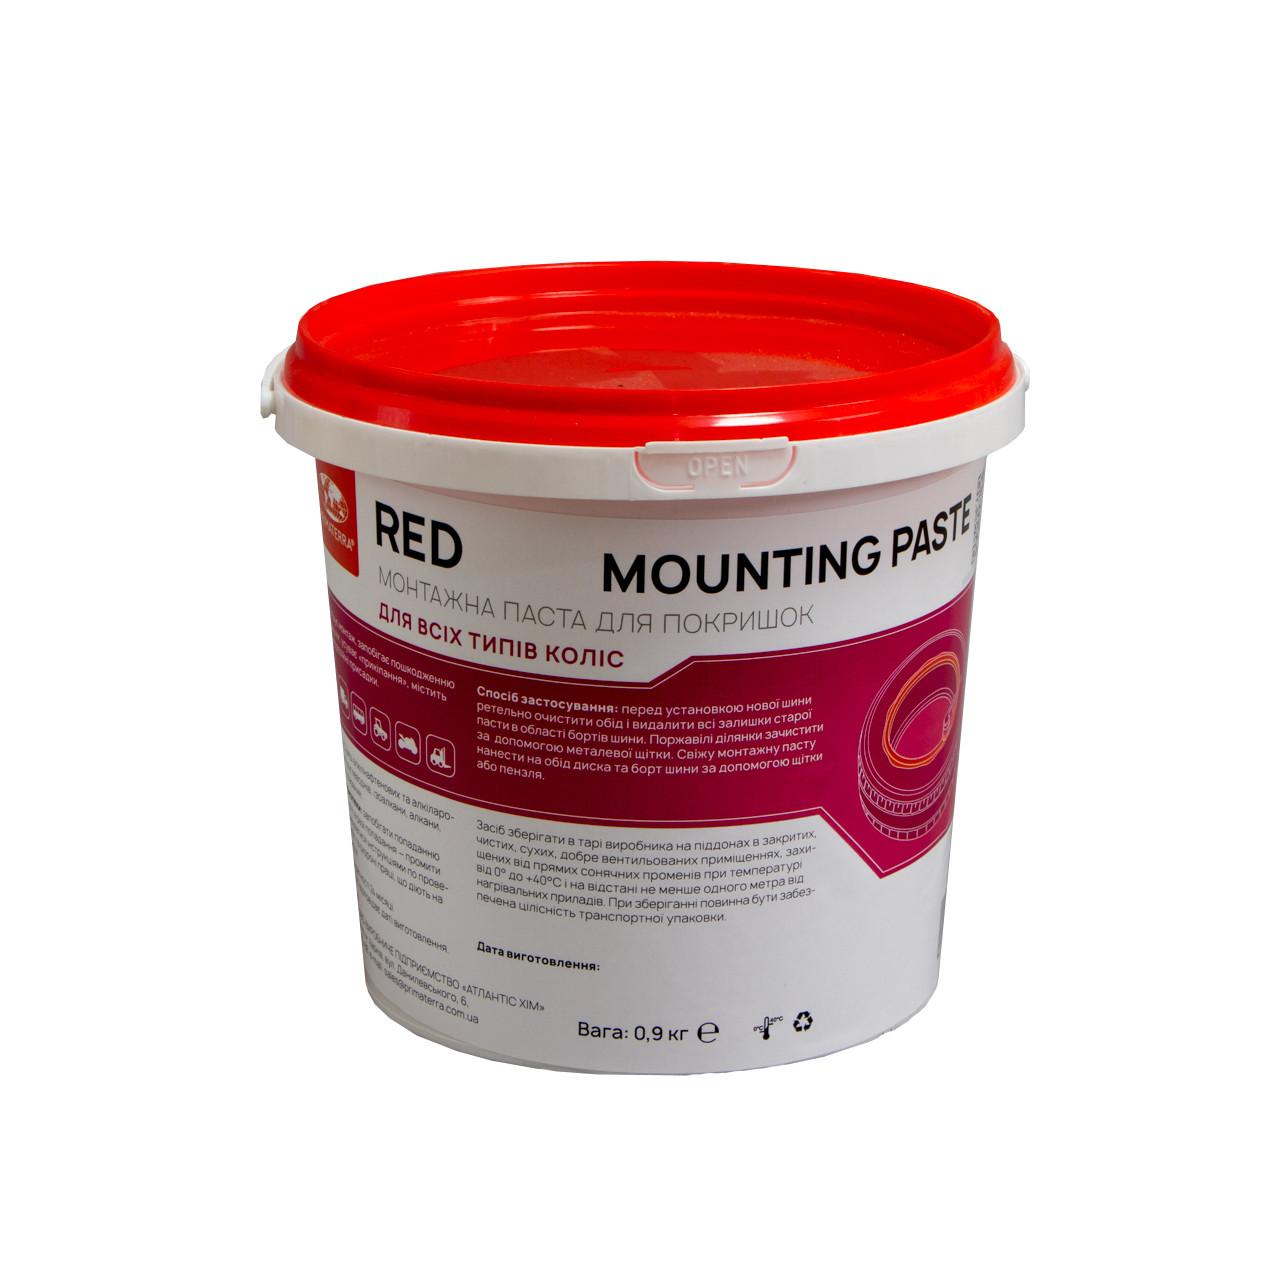 Шиномонтажная паста RED (для покрышек), 0.9кг